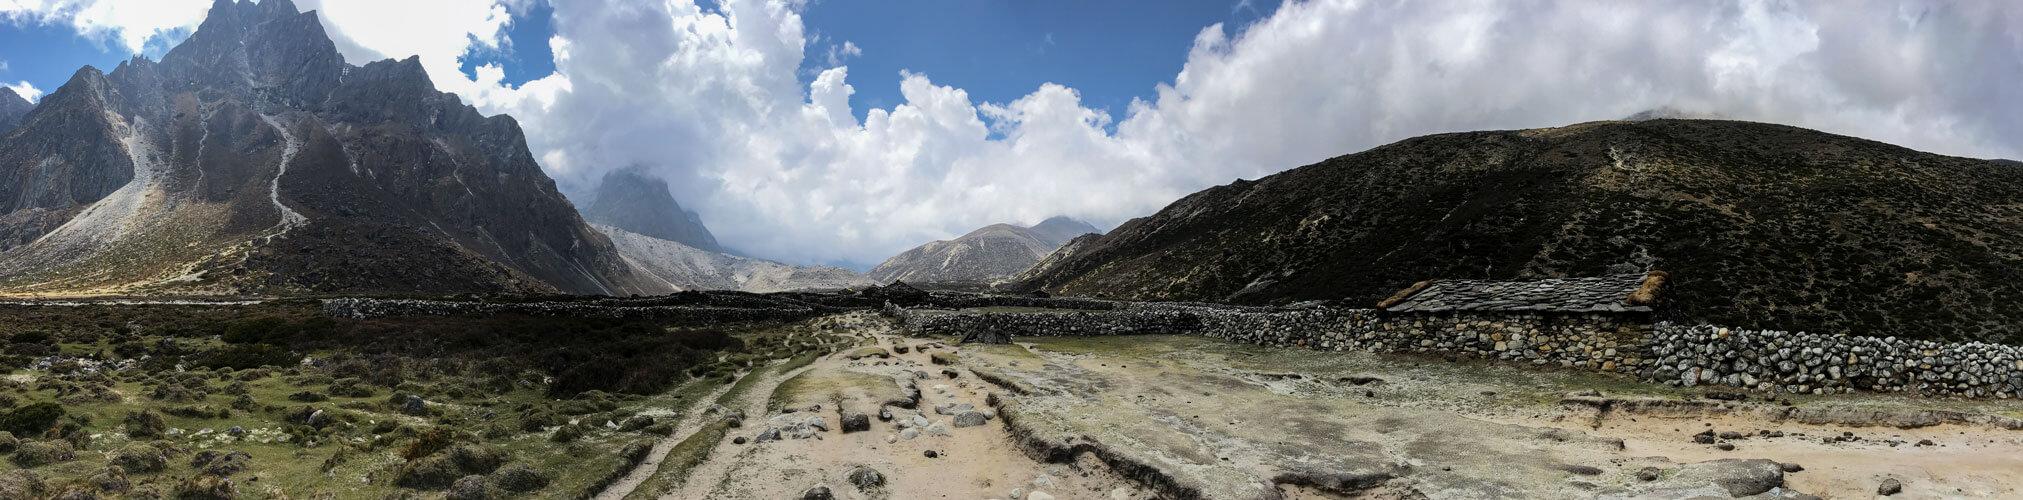 Периче, Непал